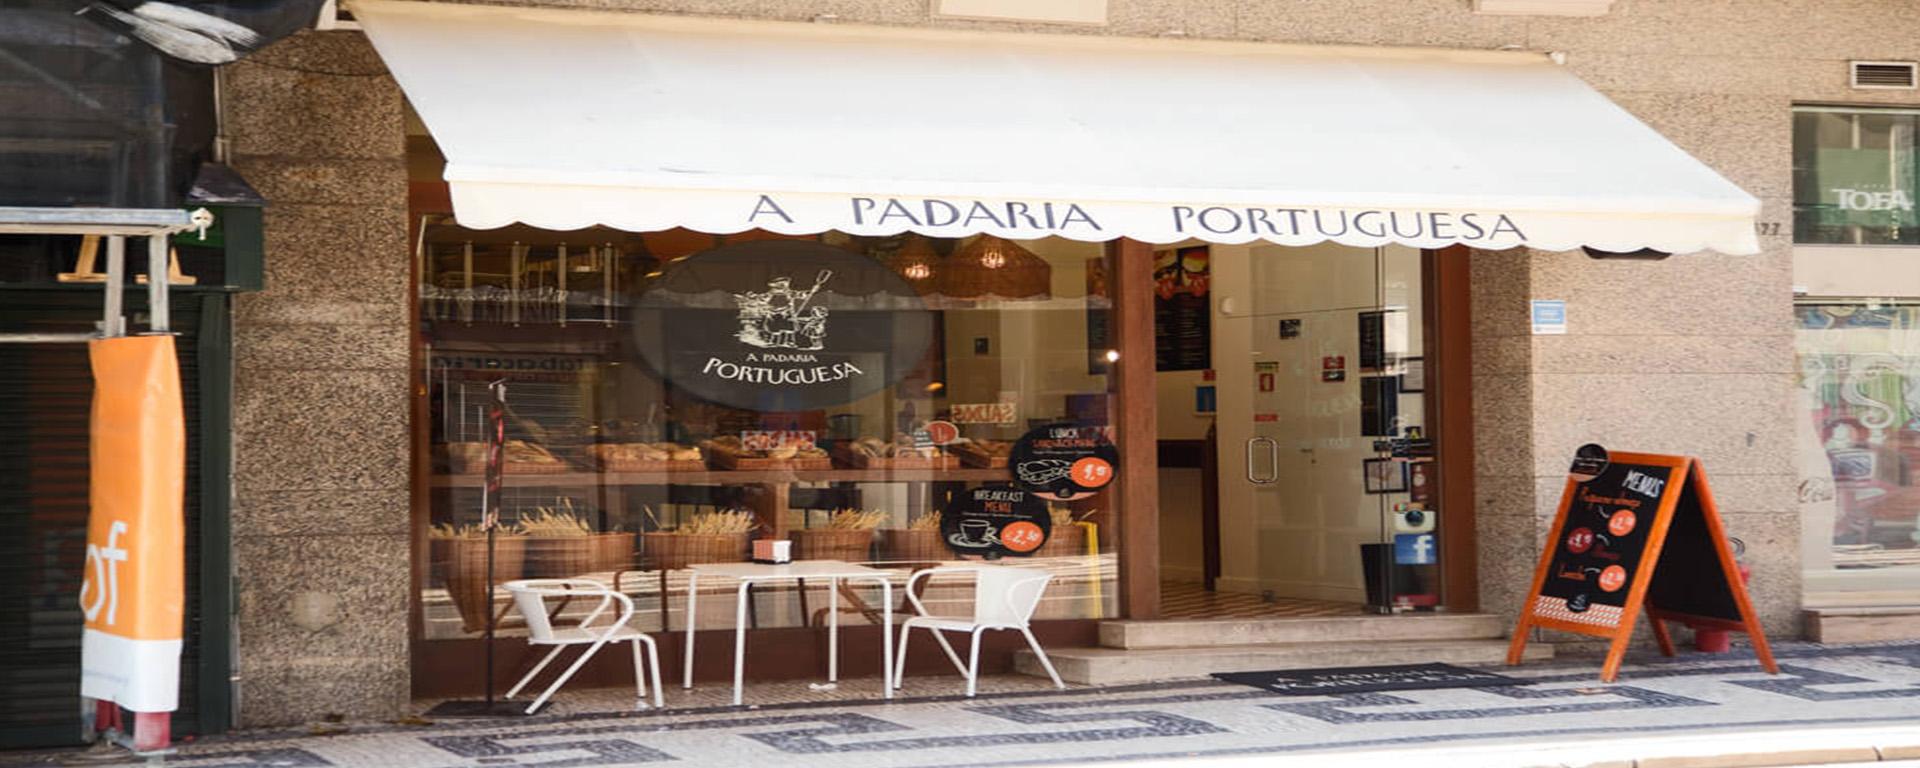 Conheça a tradição da padaria portuguesa no Brasil